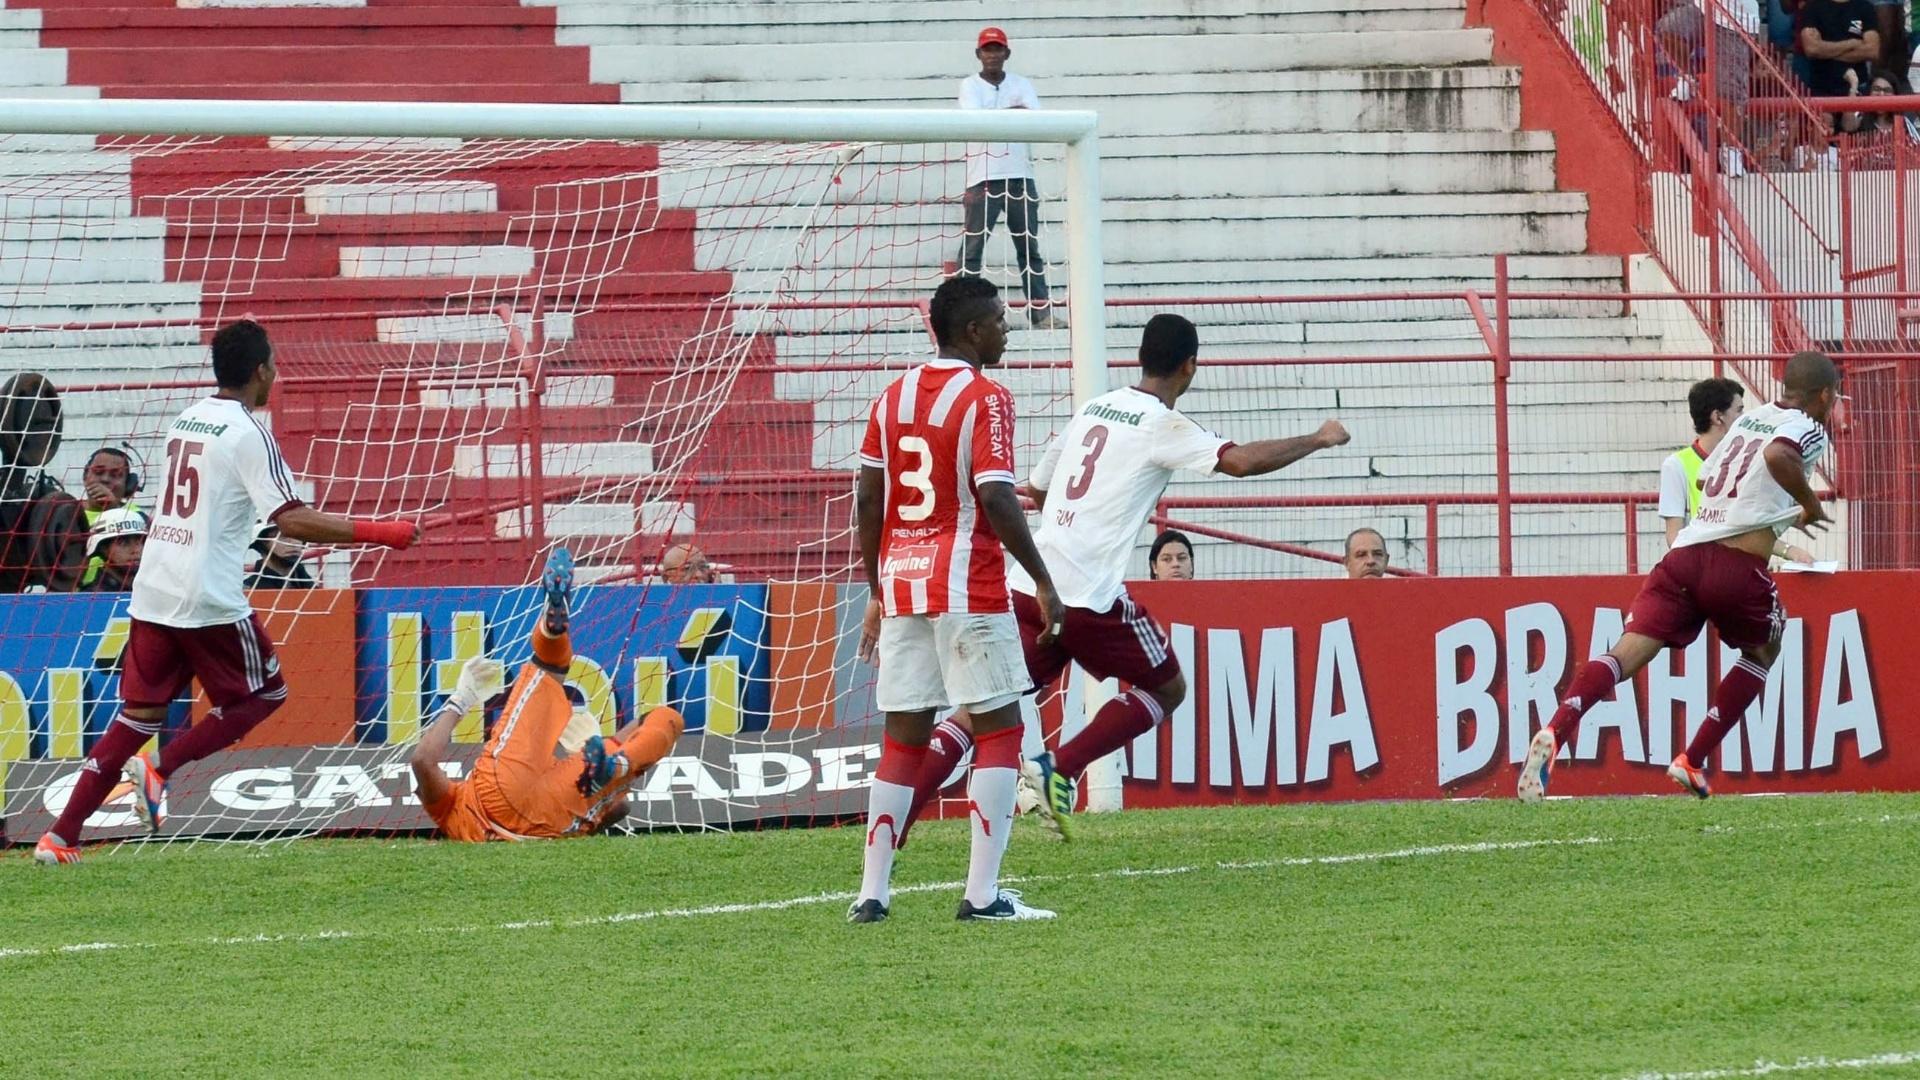 Samuel Rosa abre o placar a favor do Fluminense em partida contra o Náutico, em Recife